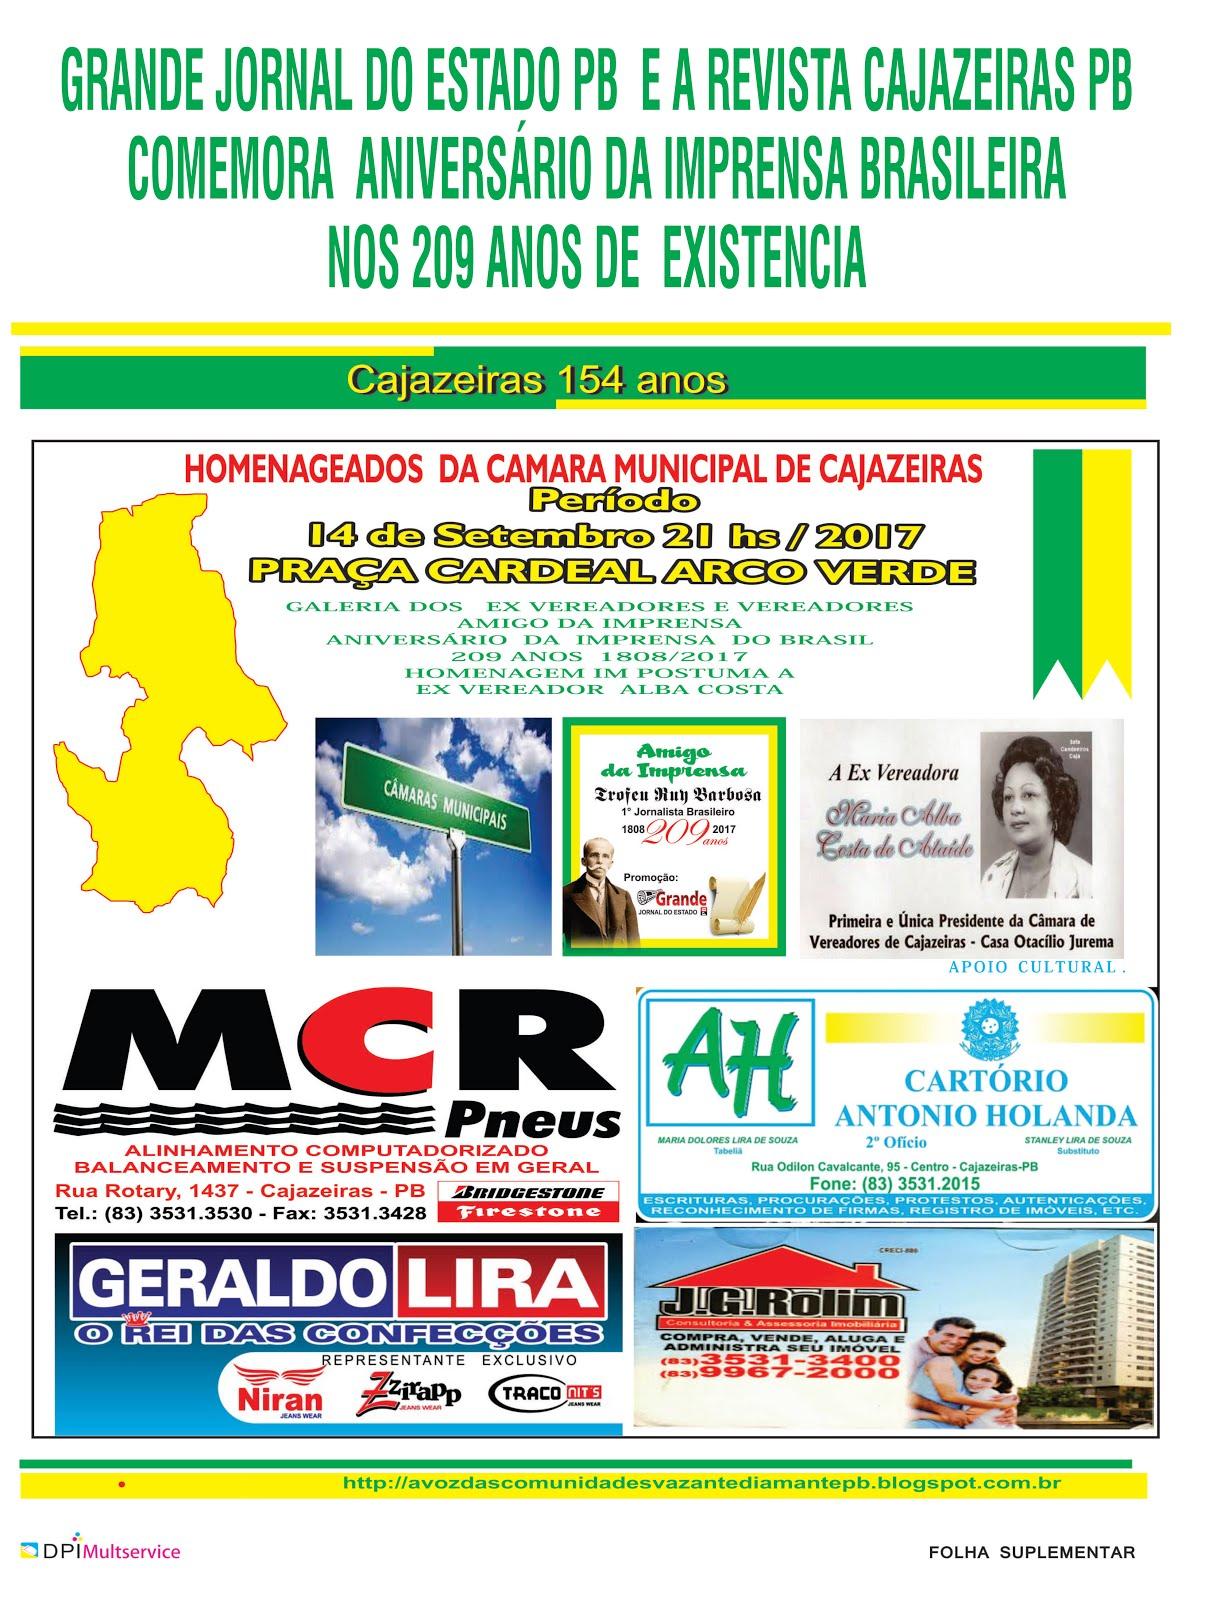 AGORA  SIM DIA  29 DE MAIO 2018  APENAS UMA RECEPÇÃO ESPECIAL  COM  O DISCURSO  SOBRE  A IMPRENSA